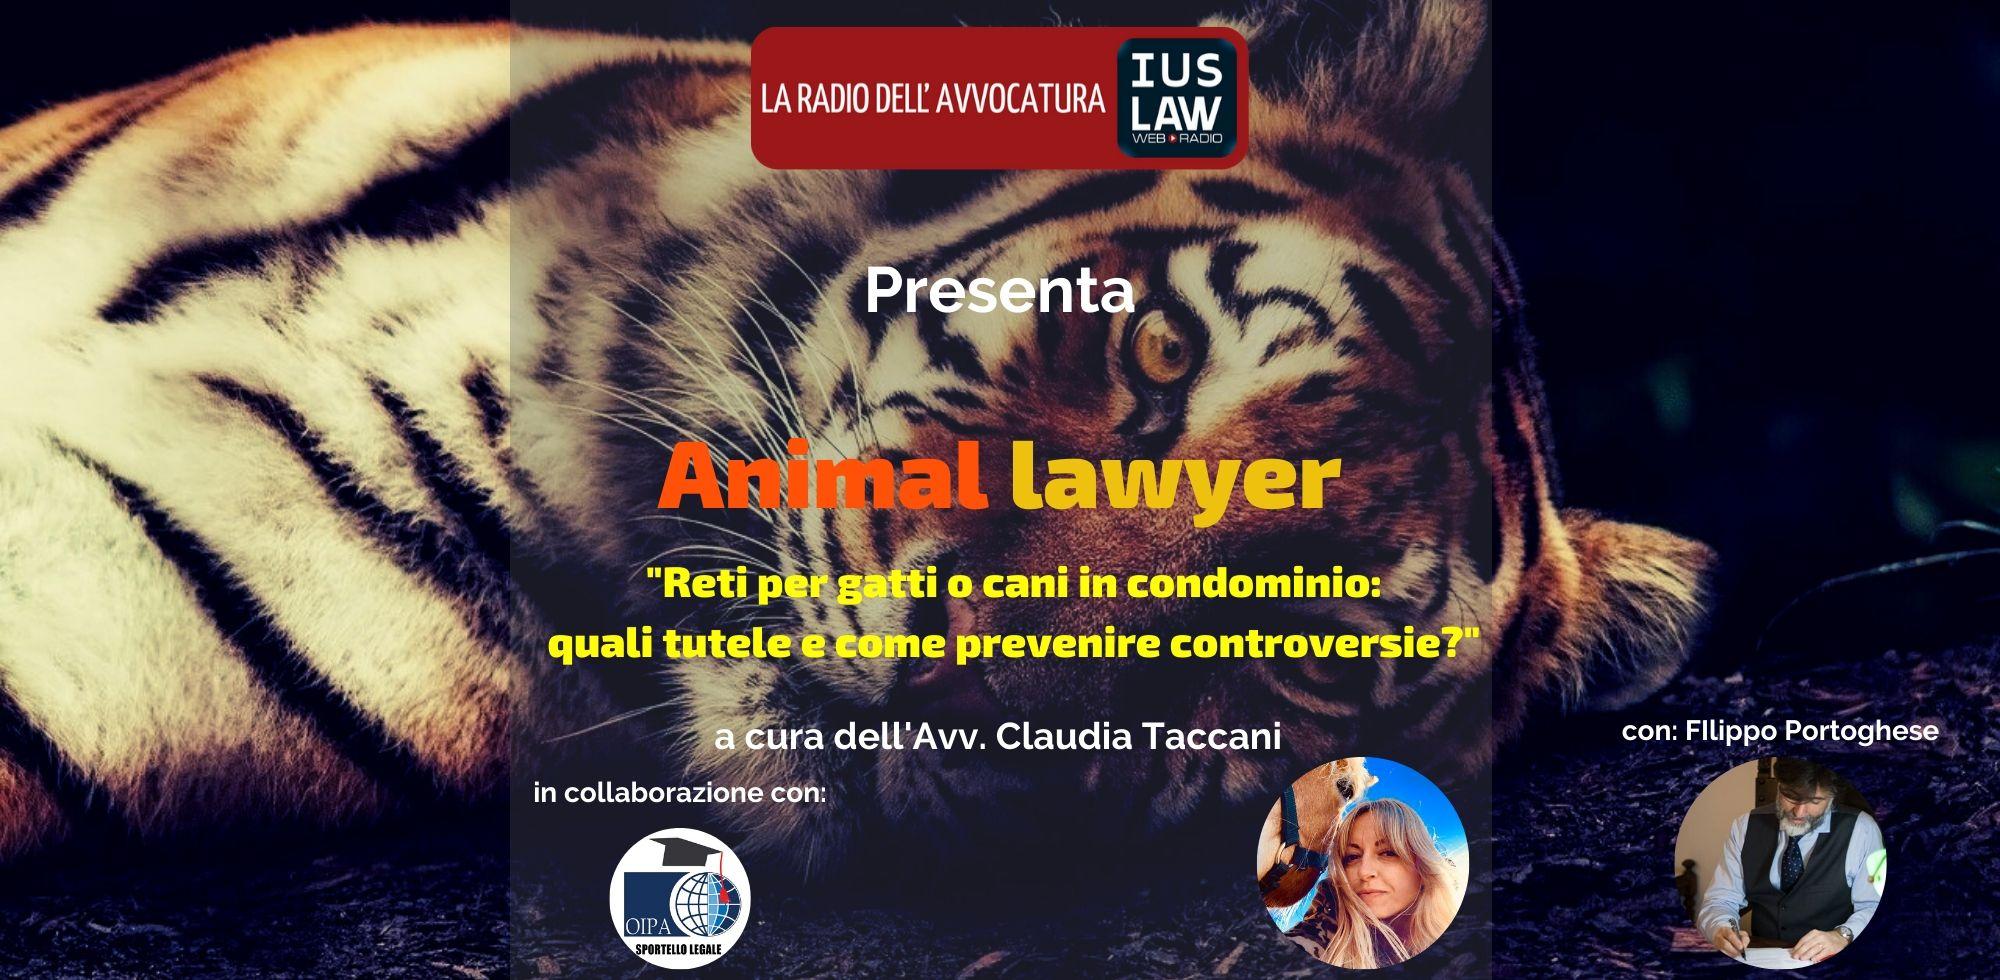 Rete Per Gatti Condominio animal lawyer - reti per gatti o cani in condominio: quali